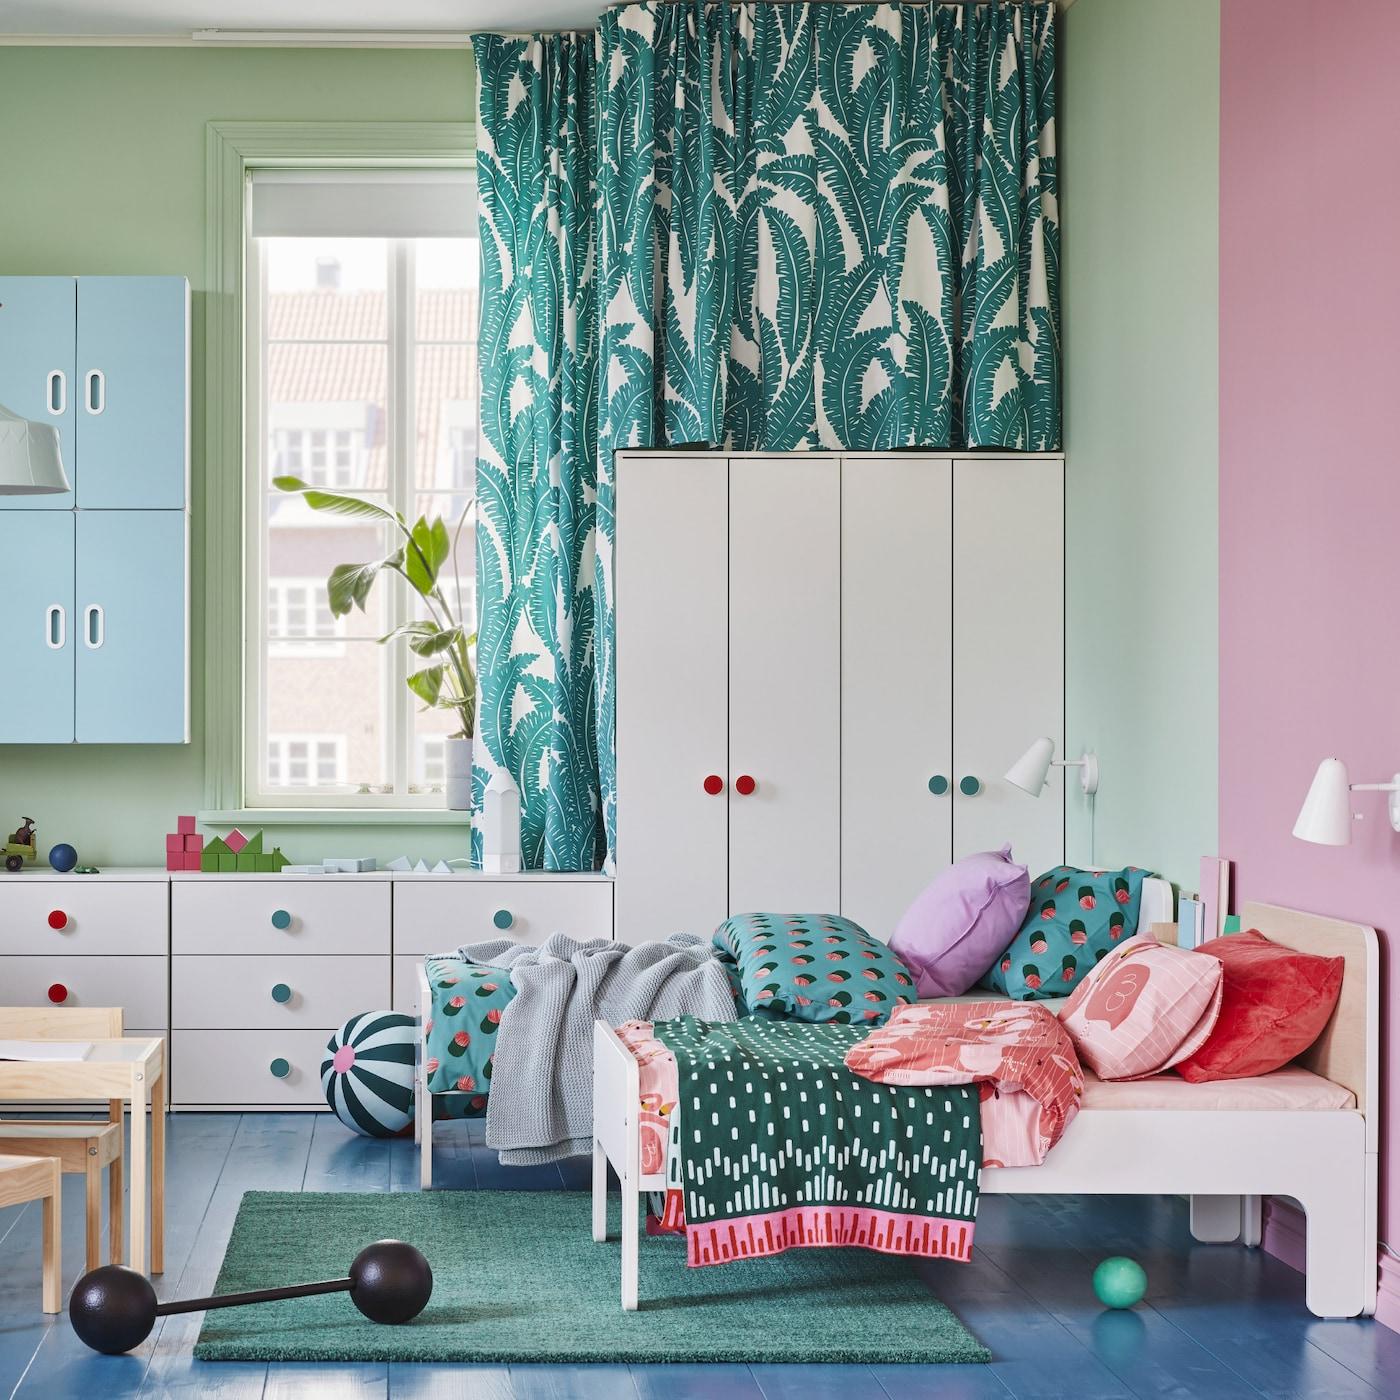 Gyerekszoba, fehér gardróbbal és fiókos szekrénnyel, két kibővíthető ágykerettel, zöld szőnyeggel és kék faliszekrényekkel.